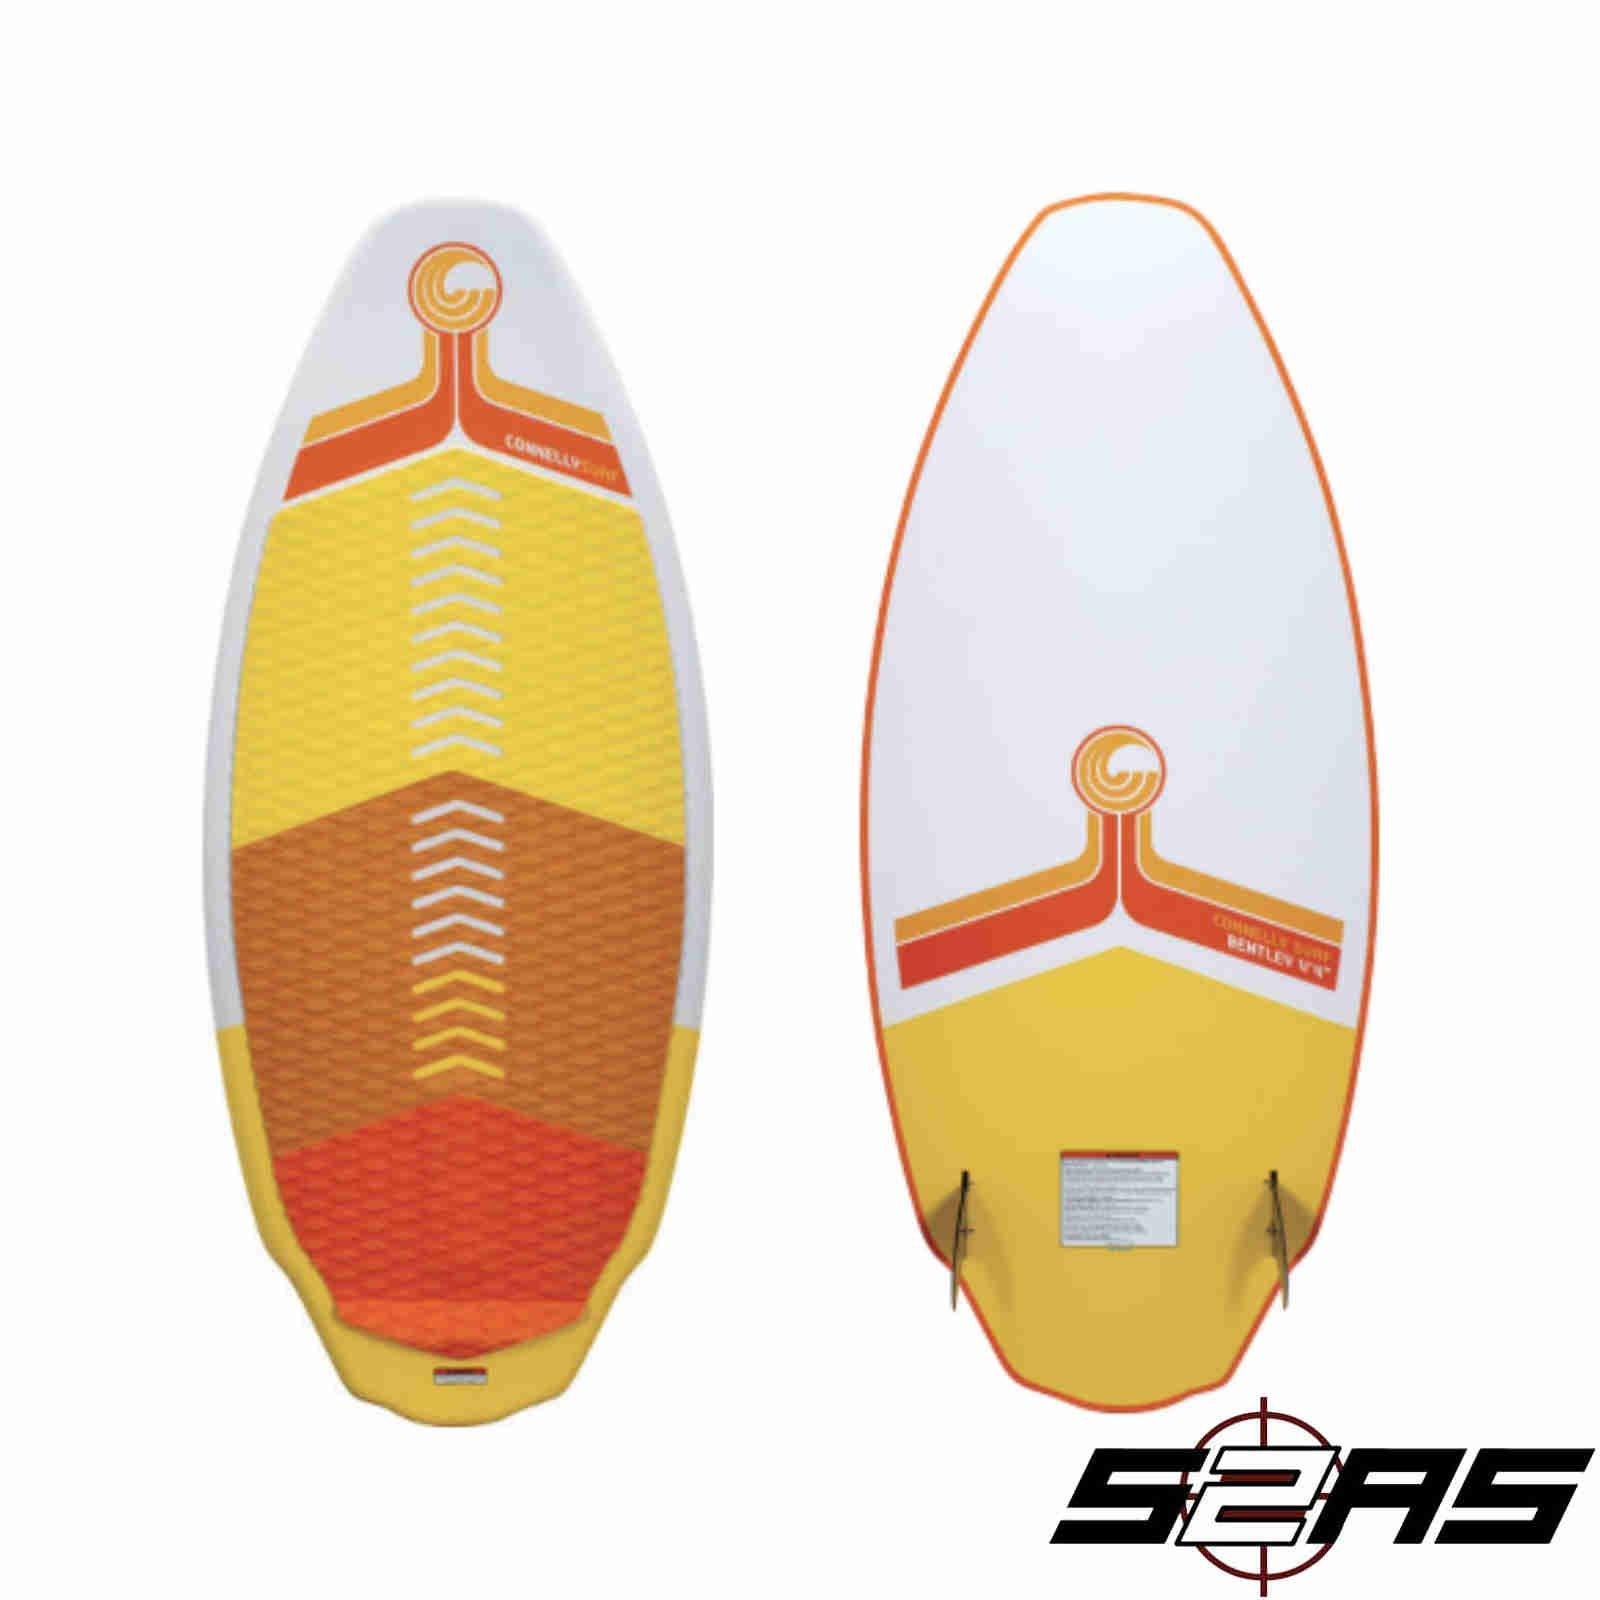 CWB Connelly Bentley Wakesurf Board 4'4'', Hybrid Shape w/Twin Fins by CWB